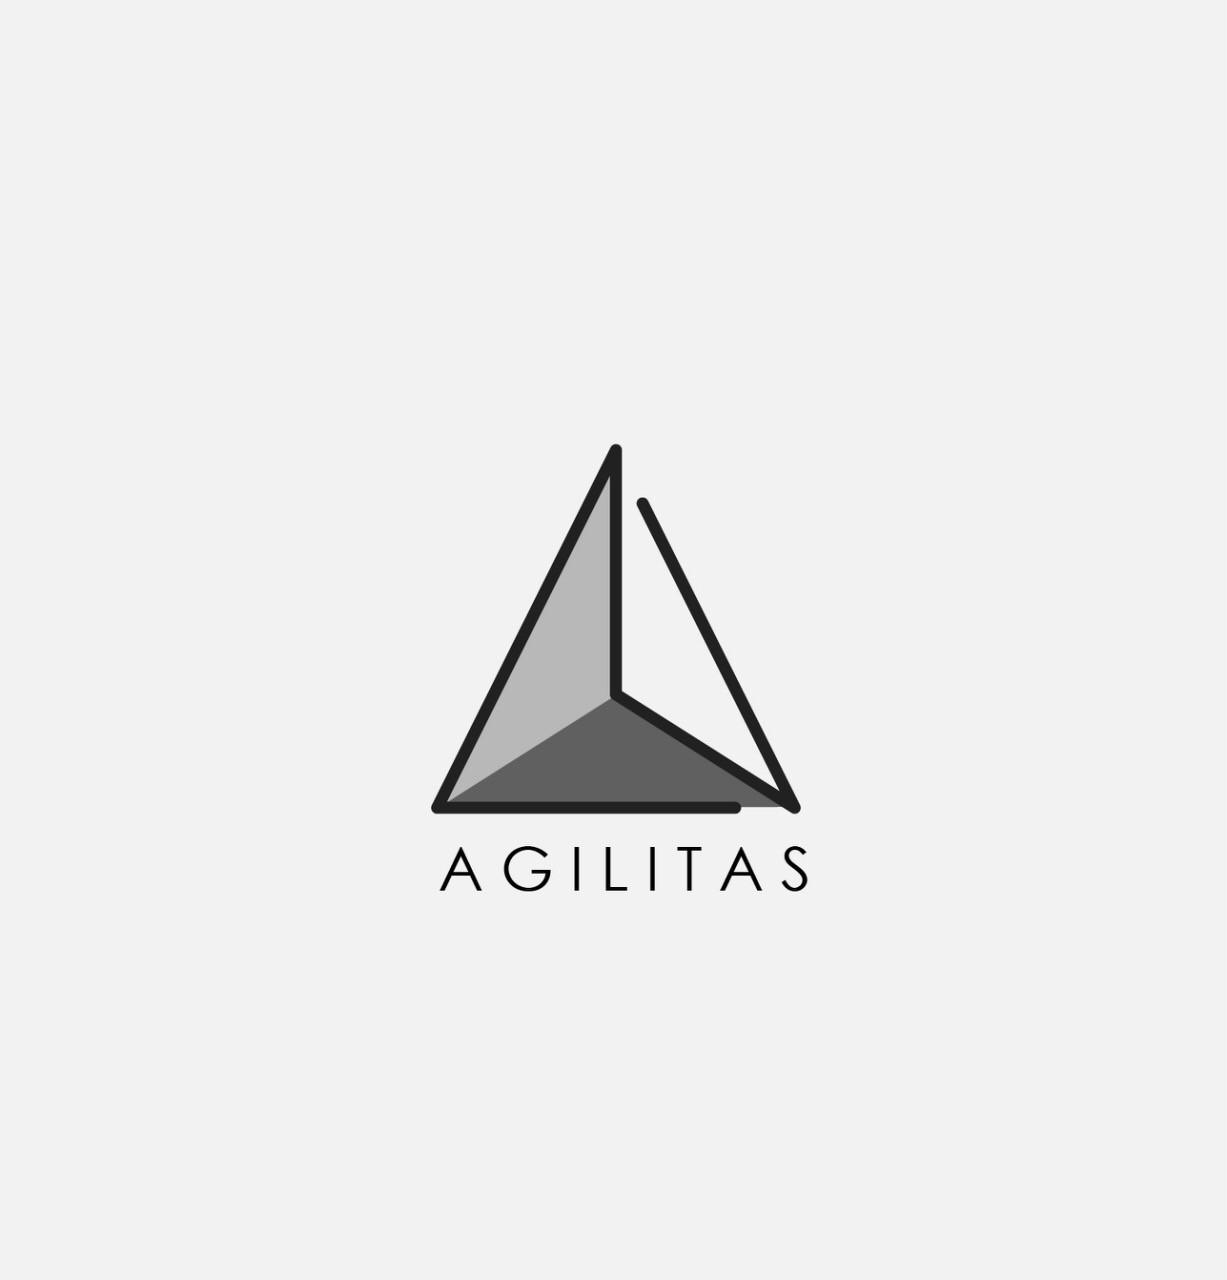 Agilitas